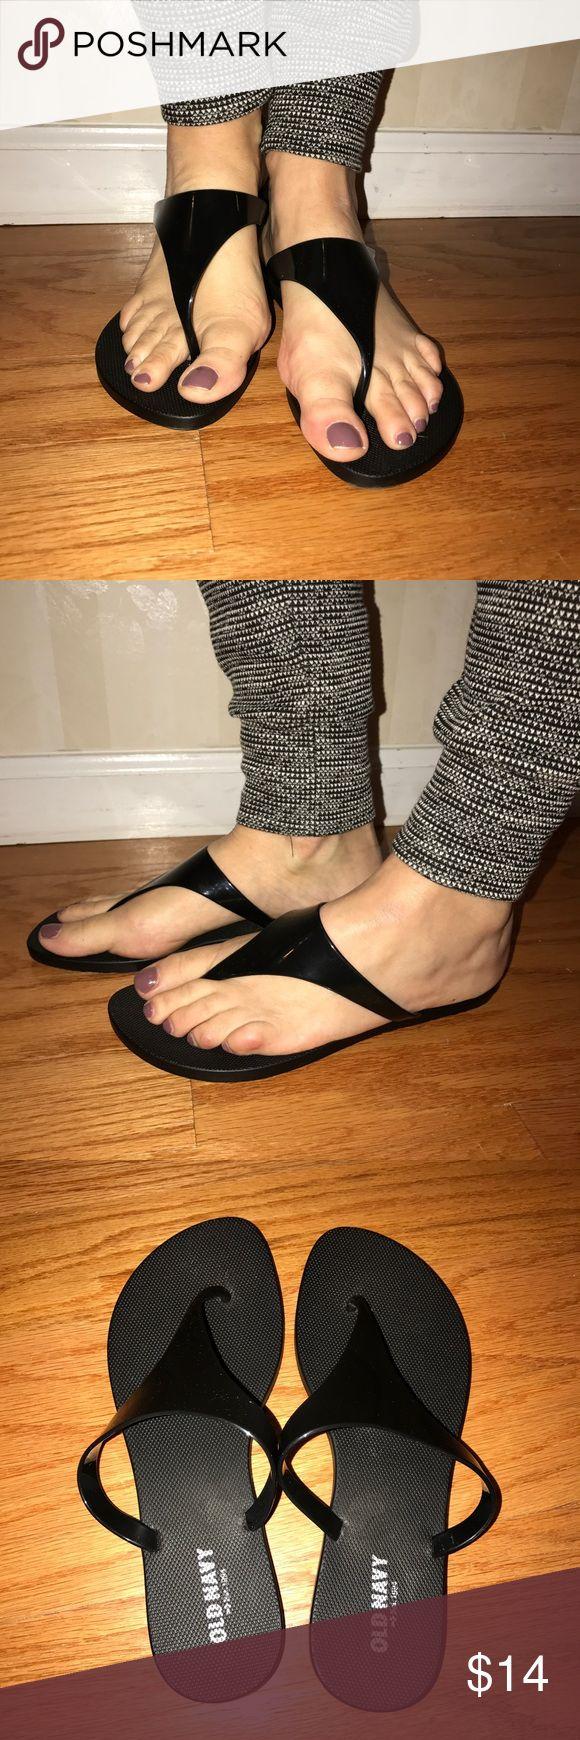 Black sandals old navy - Old Navy Flip Flops